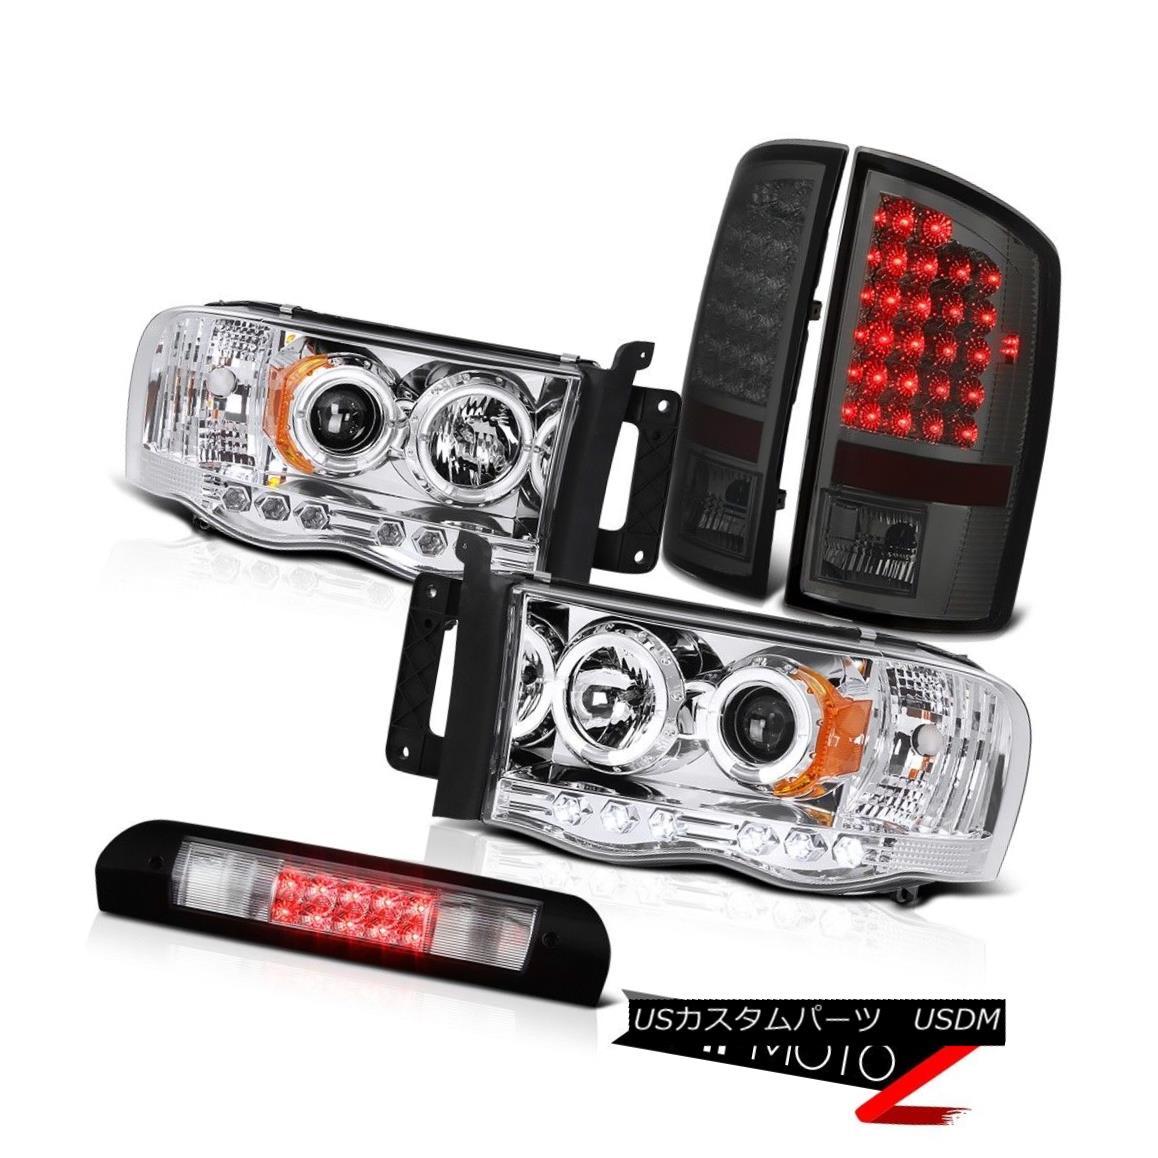 ヘッドライト Chrome Halo LED Headlights Smoke Tail Lights High Stop 02 03 04 05 Dodge Ram クロームハローLEDヘッドライトスモークテールライトハイストップ02 03 04 05ドッジラム